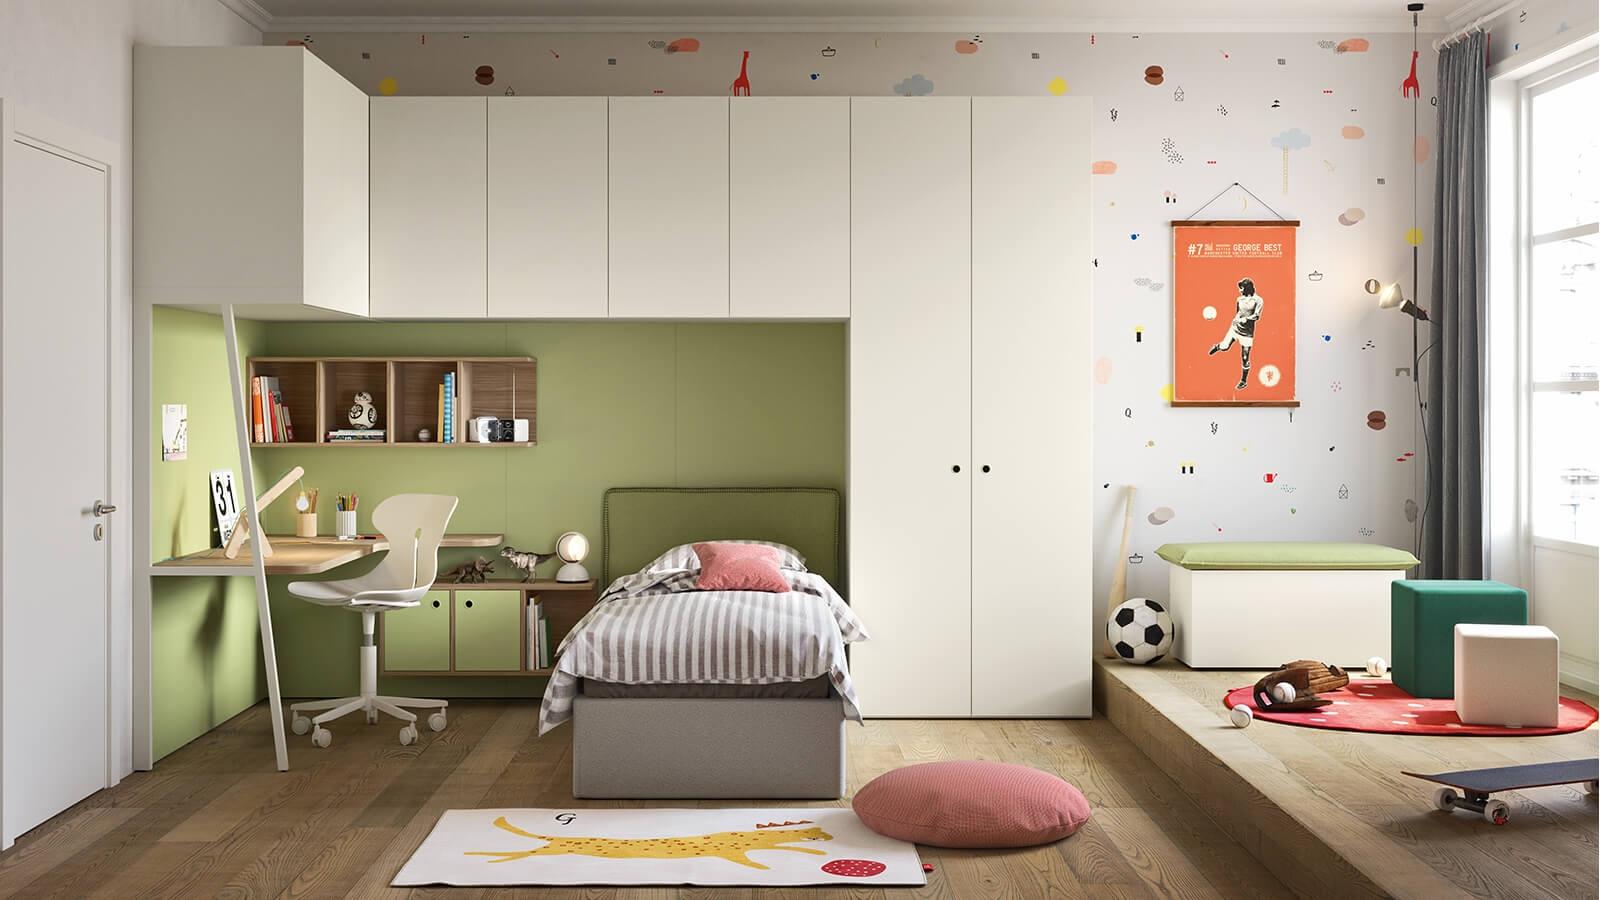 Idee Per Camere Ragazzi idee camerette: stanze per bambini - suggerimenti - arredo